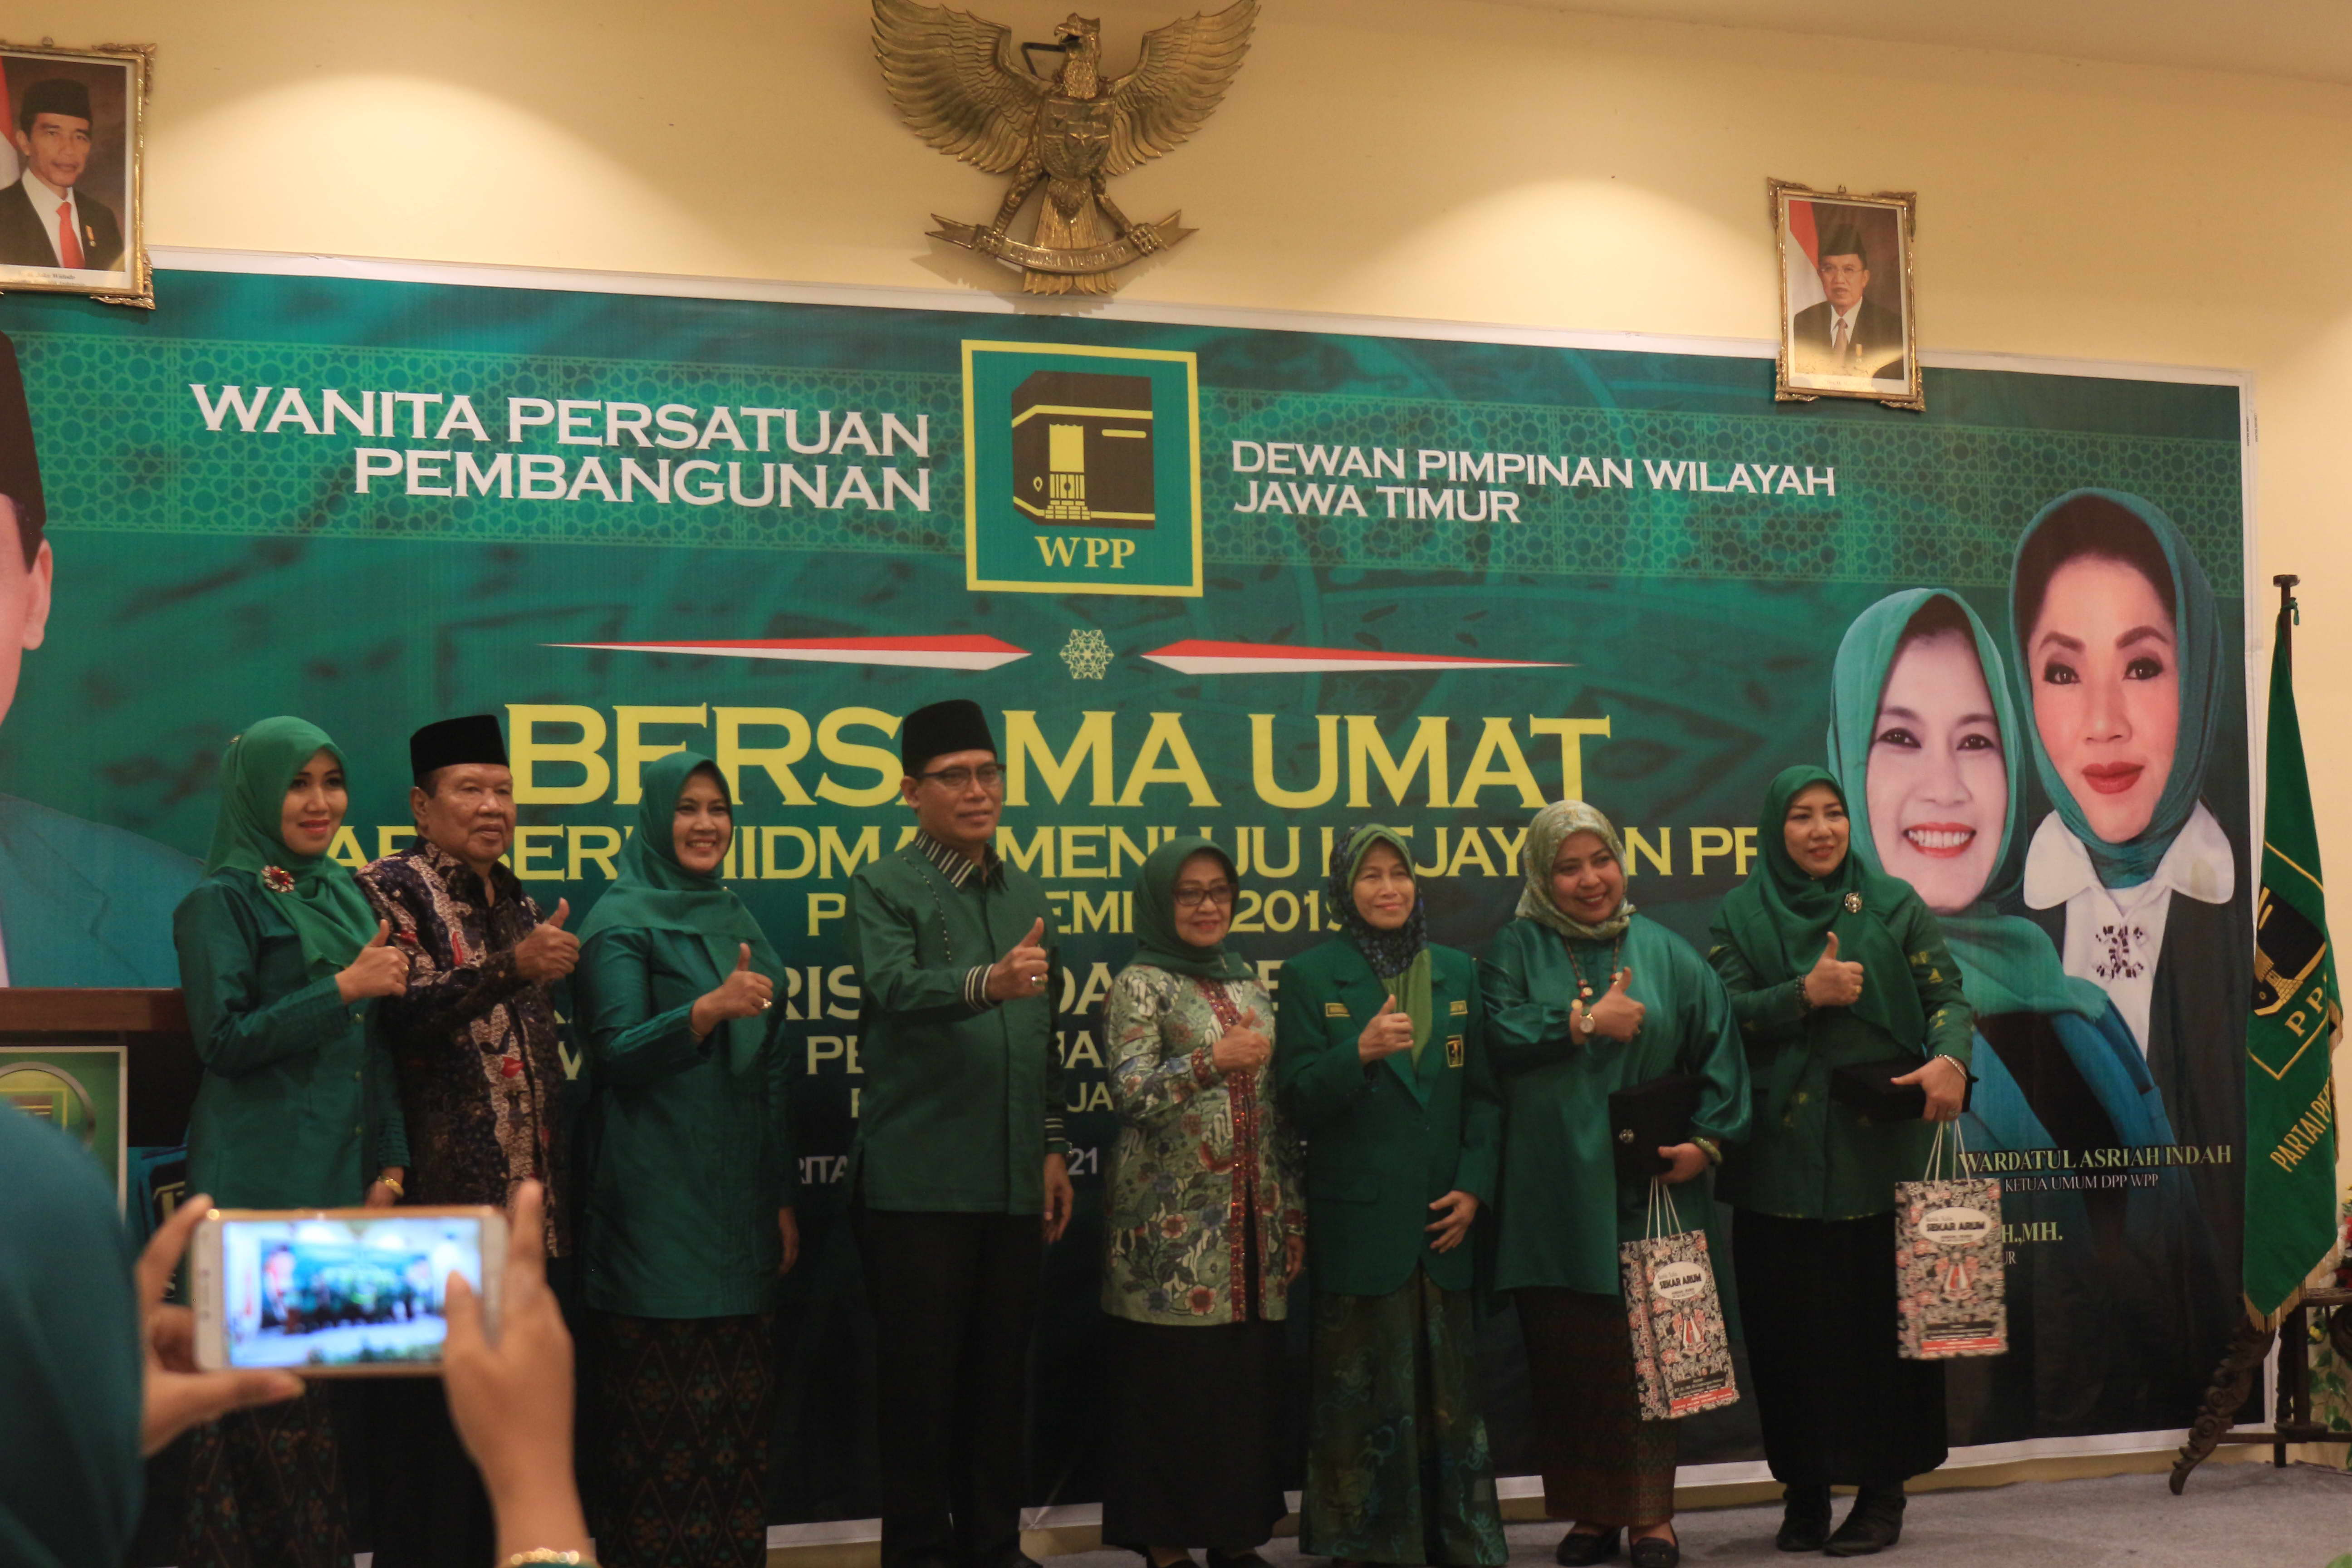 Peranan Penting Wanita Persatuan Pembangunan di pemilu 2019